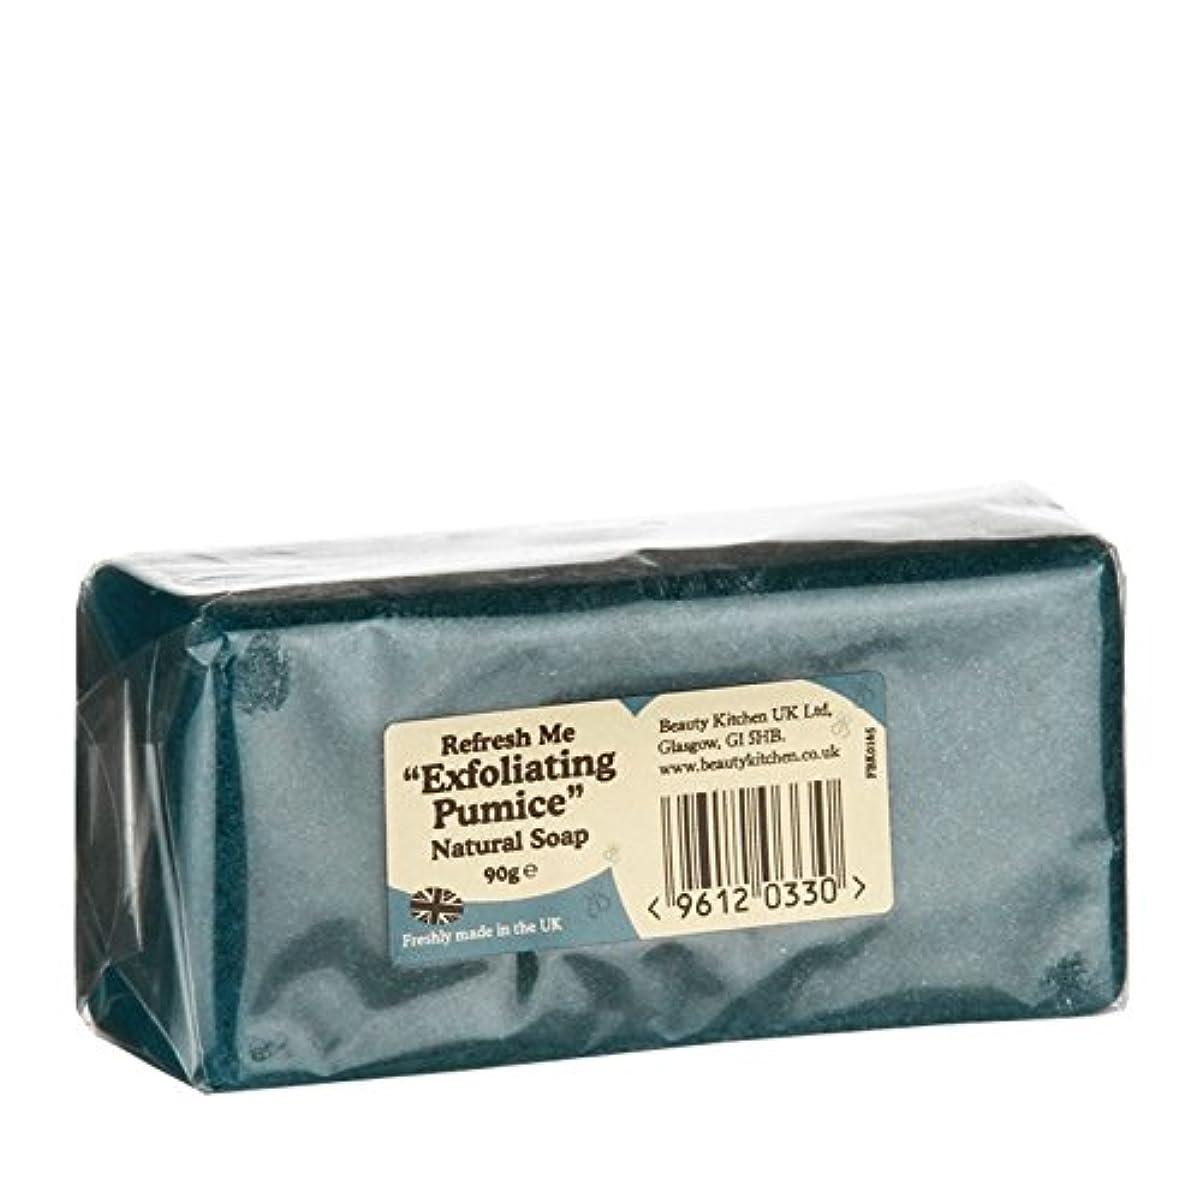 にぎやか干渉手段美しさのキッチンは、軽石の天然石鹸90グラムを剥離私をリフレッシュ - Beauty Kitchen Refresh Me Exfoliating Pumice Natural Soap 90g (Beauty Kitchen...